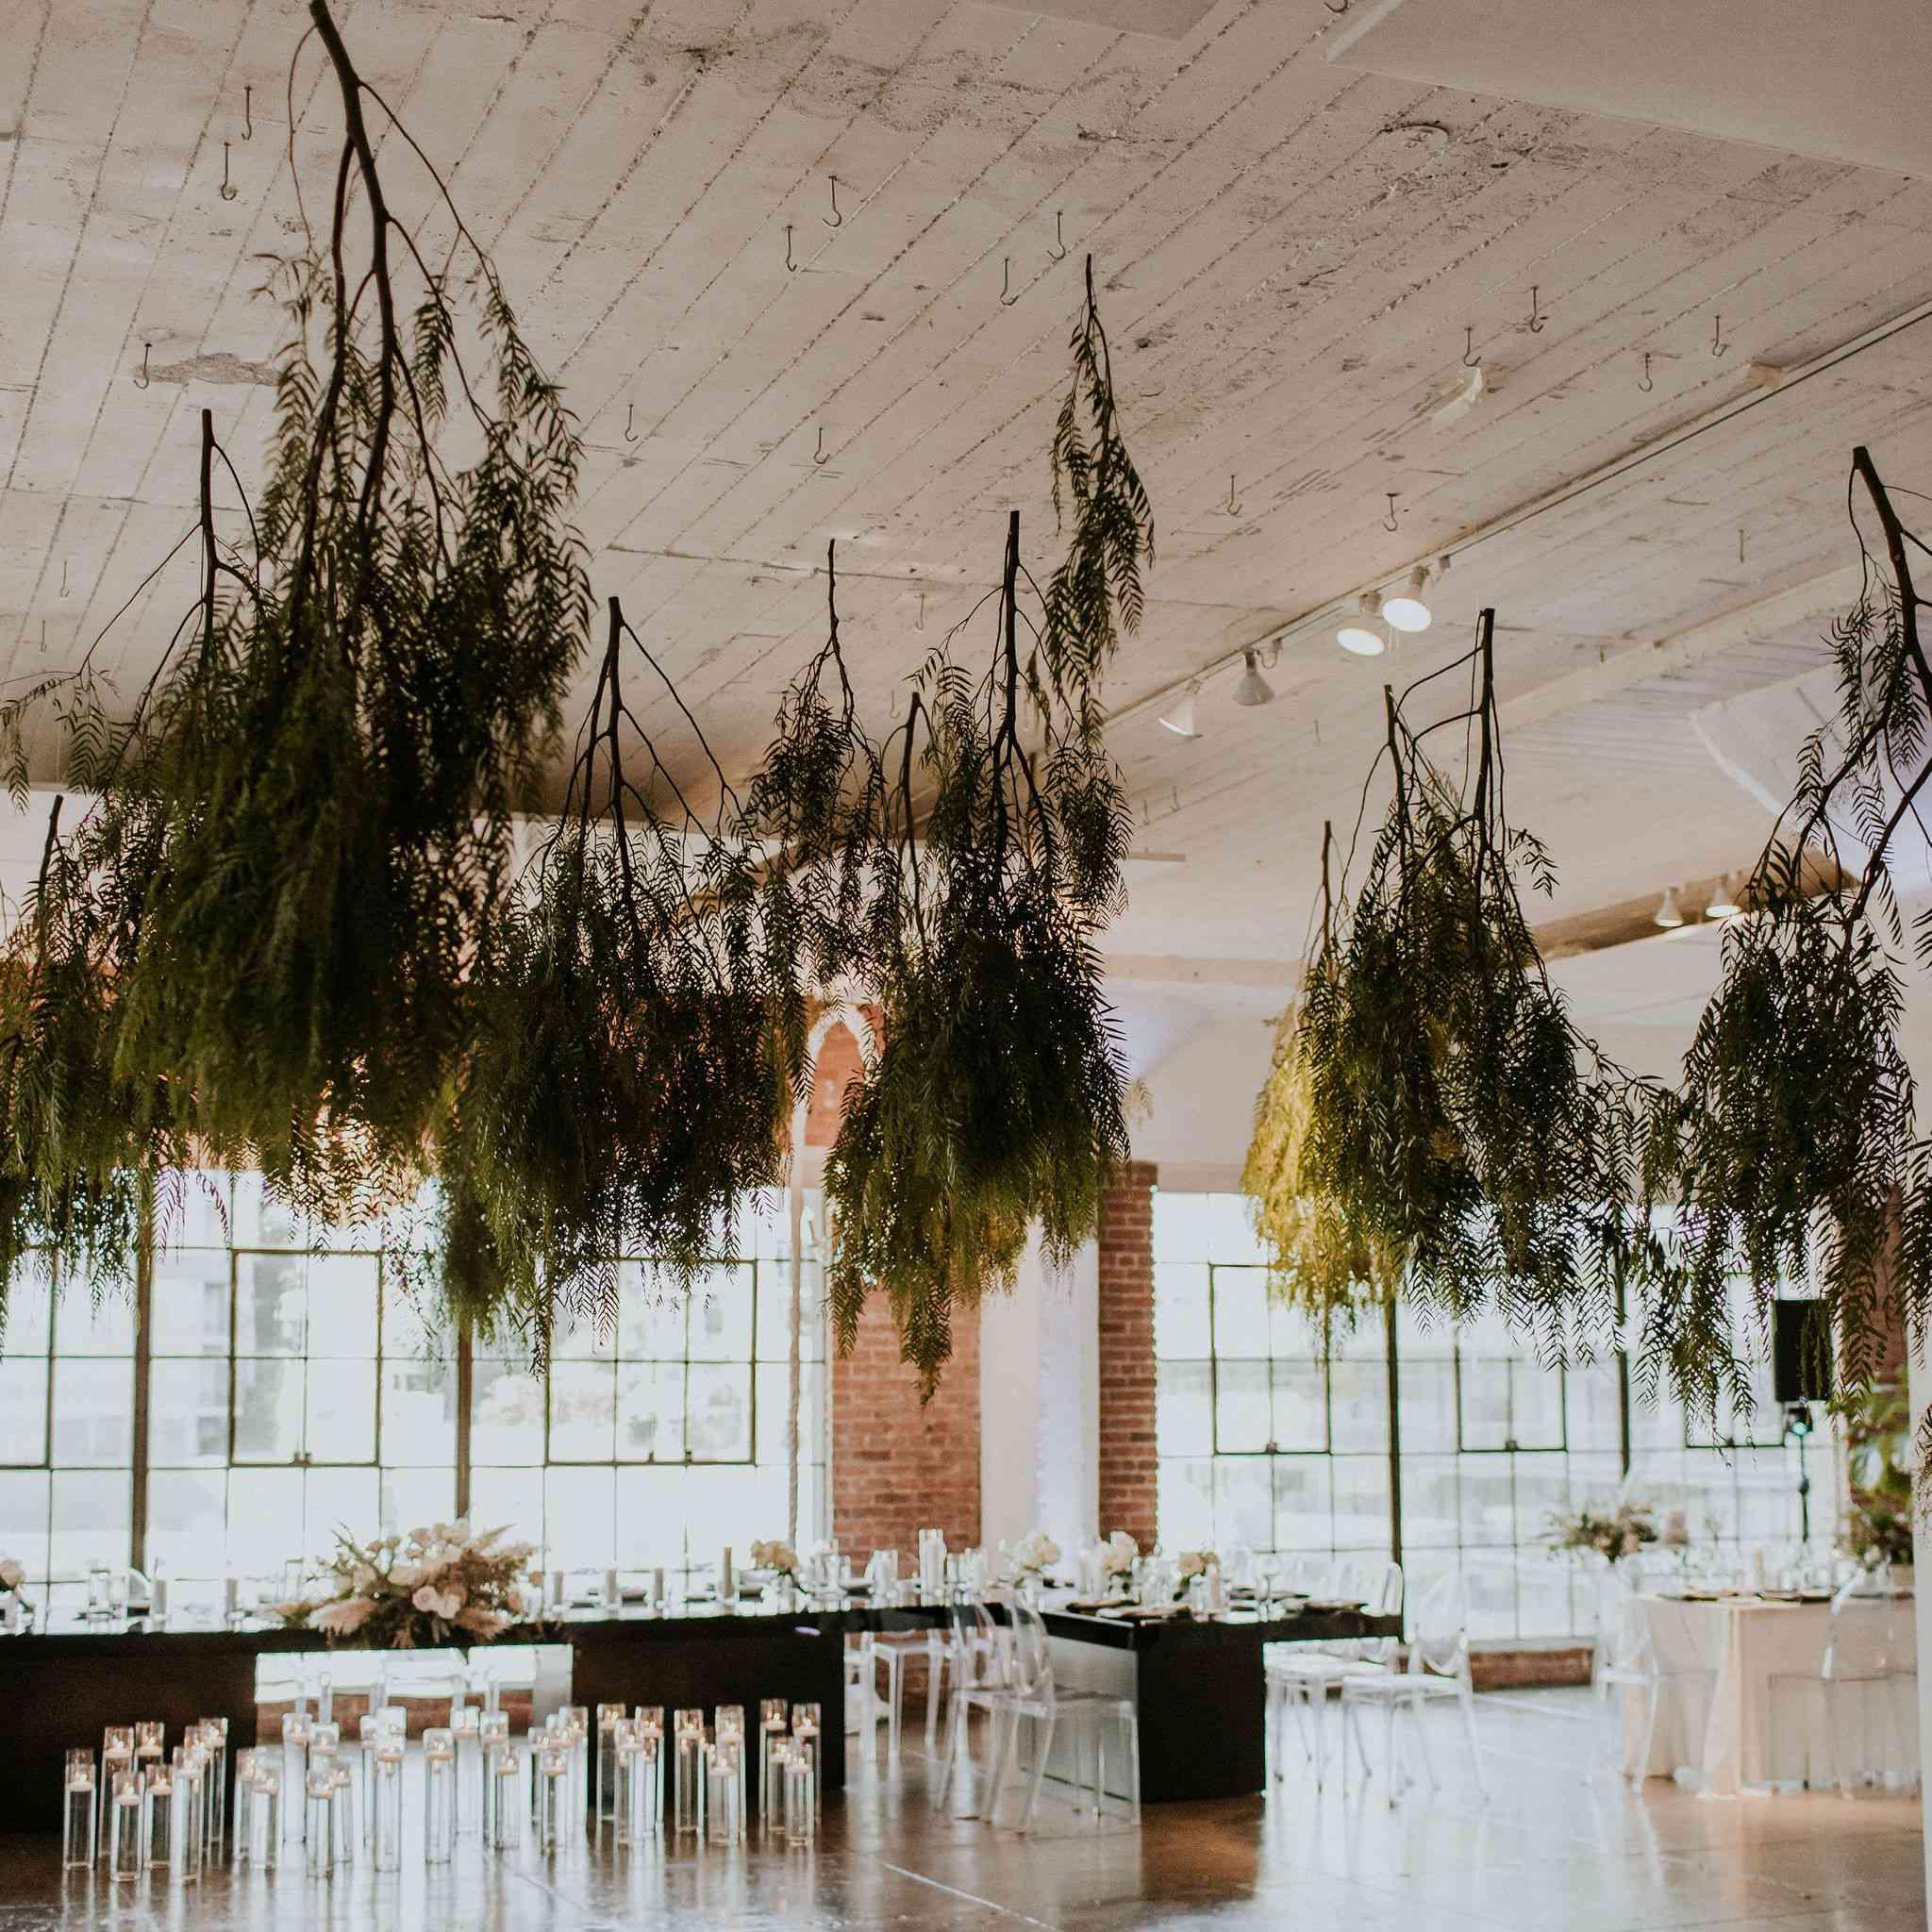 dance floor with hanging plants